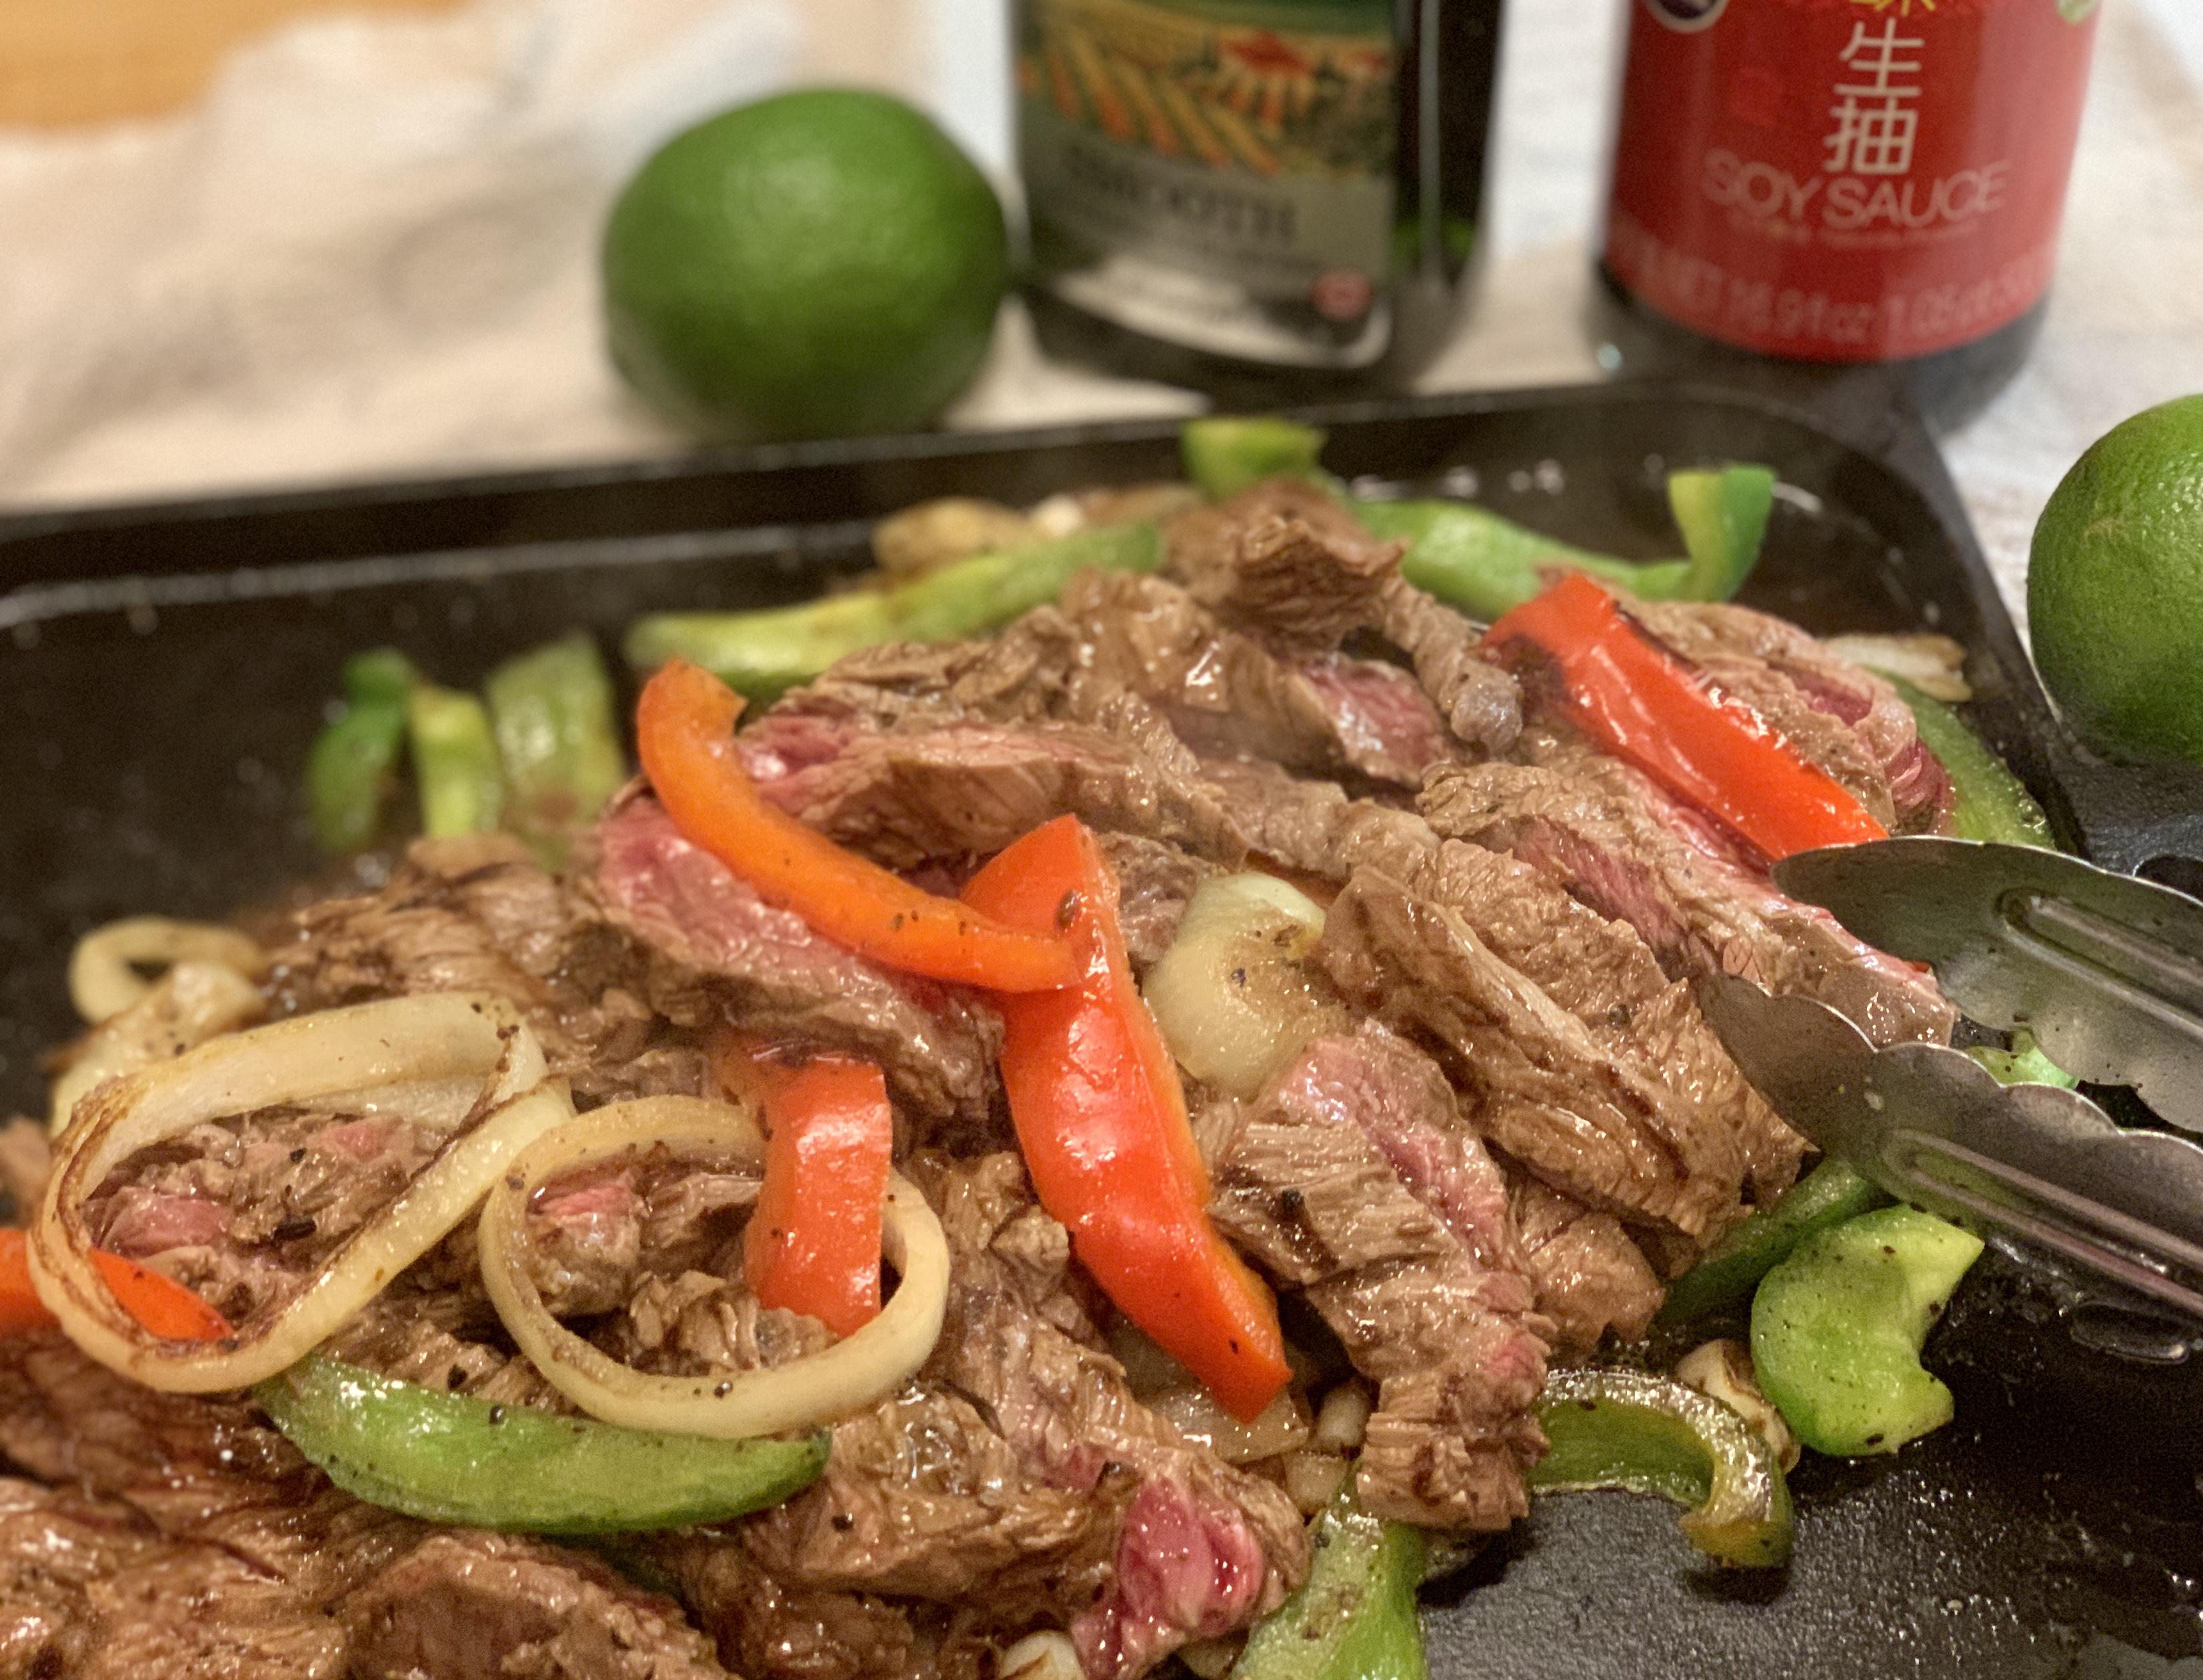 Steak Fajitas墨西哥烤肉卷mò xī gē kǎo ròu juàn